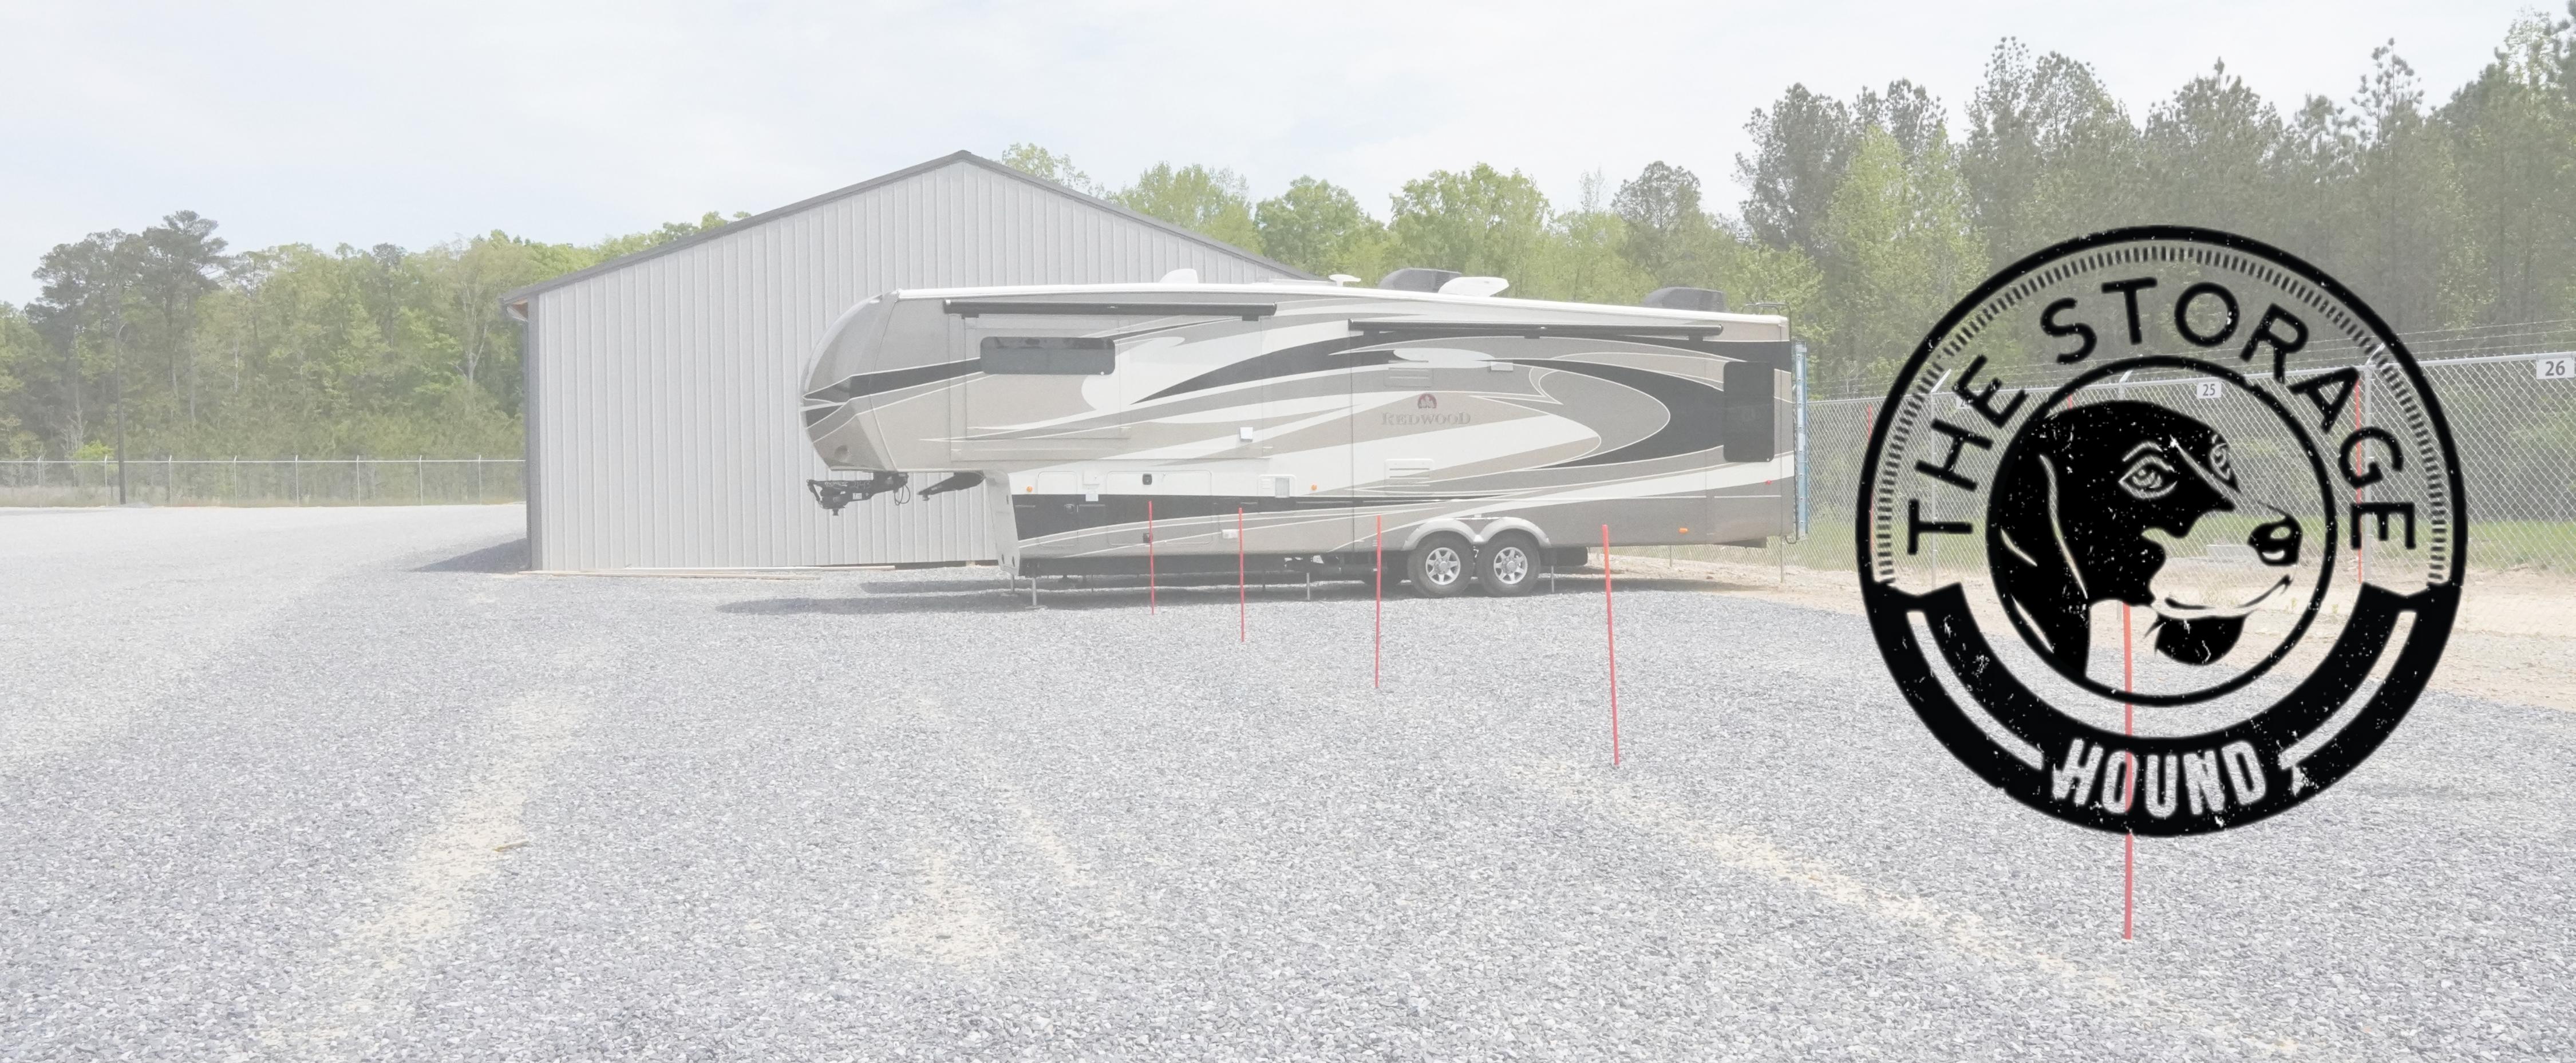 The Storage Hound Boat & RV Parking